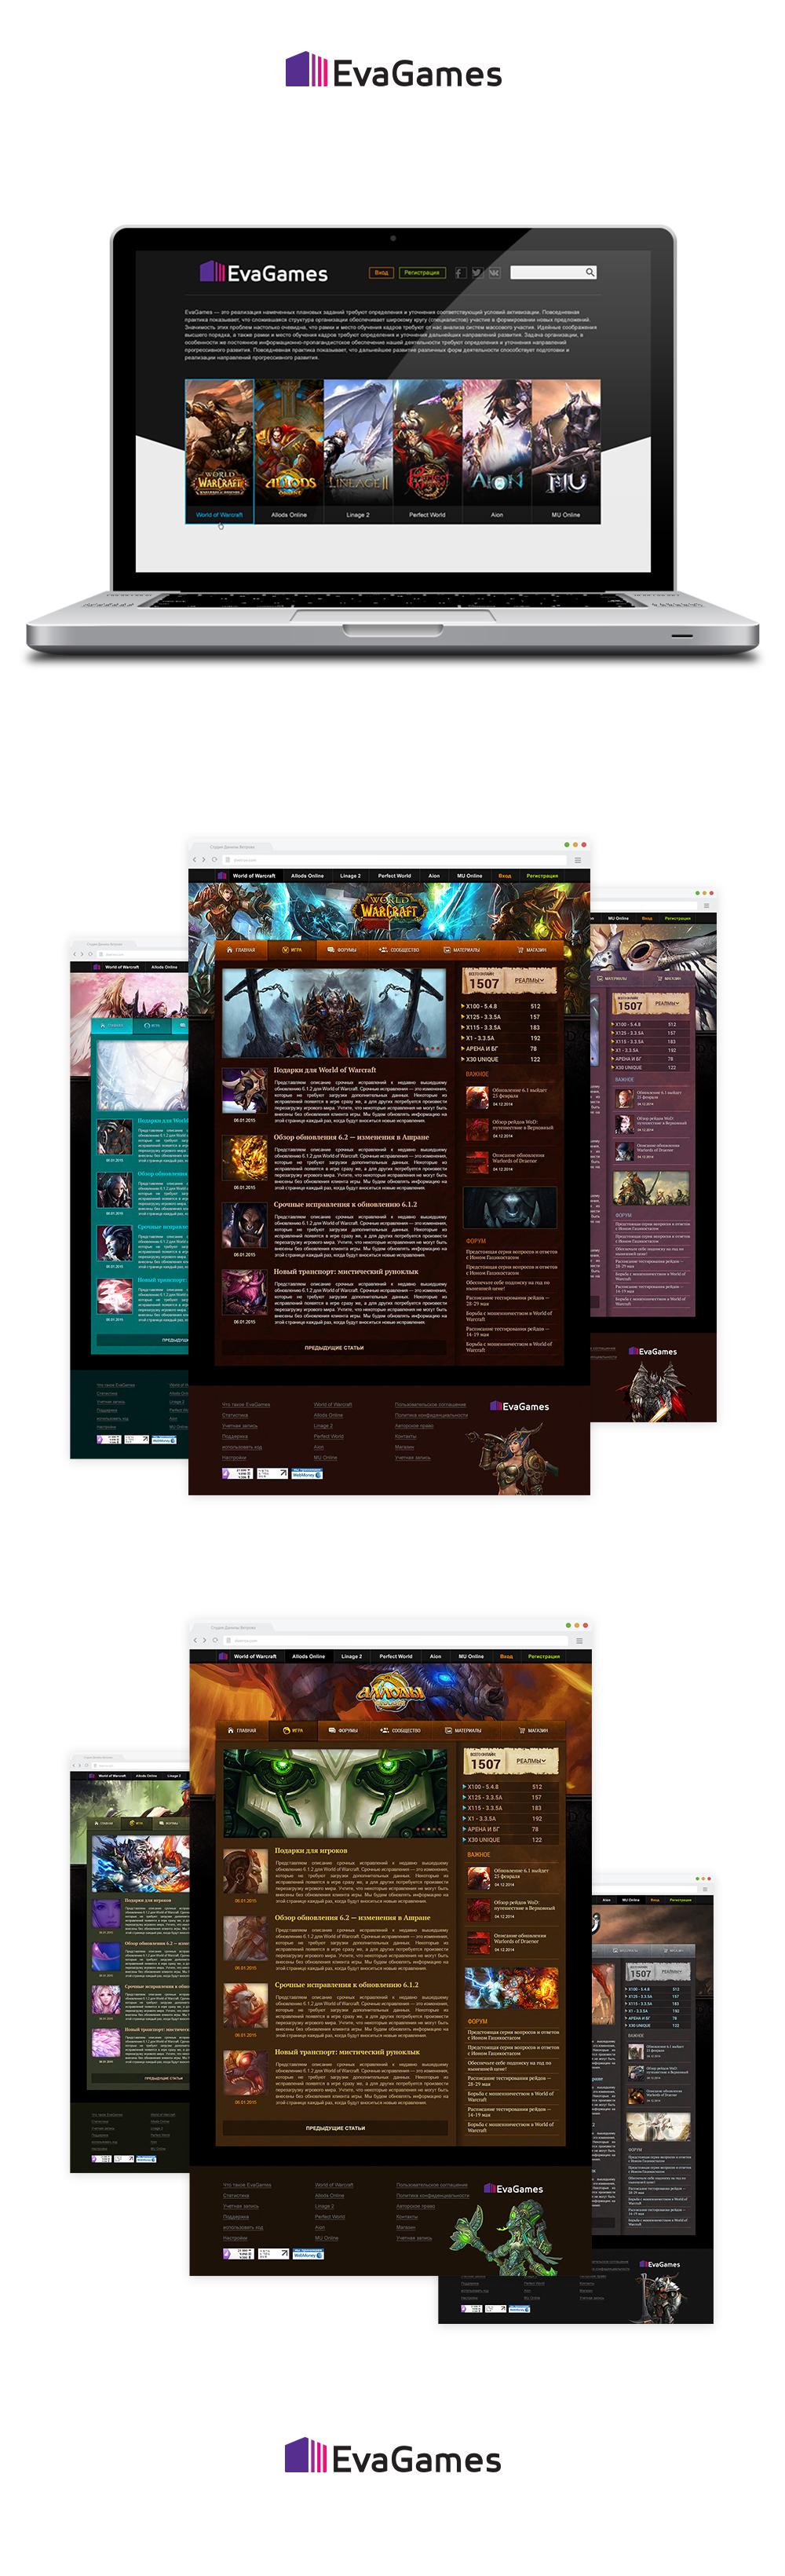 Дизайн игрового сервиса «EvaGames»